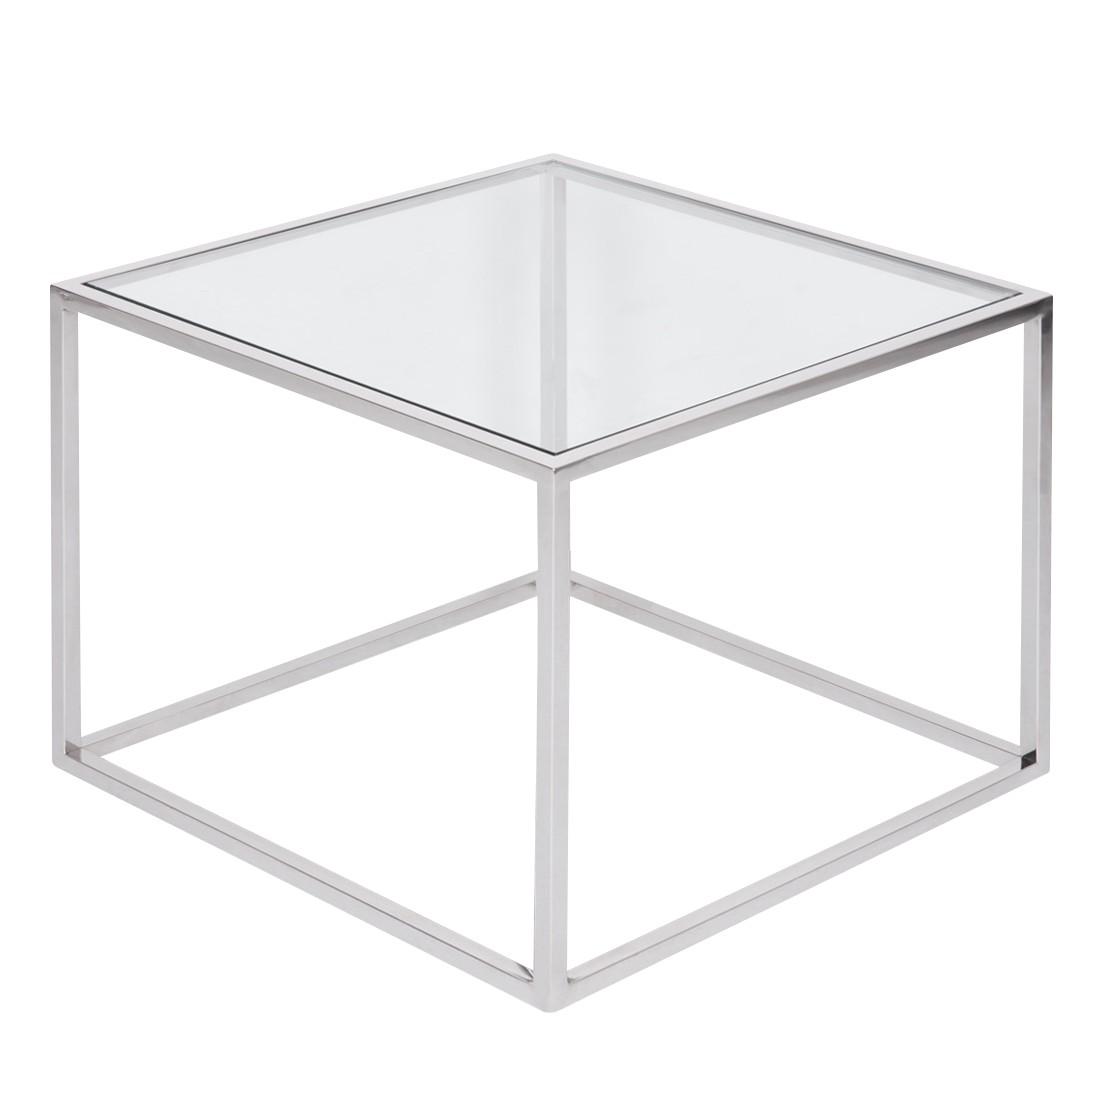 Table d'appoint Jacob - Verre / Acier inoxydable - Argenté, Fredriks